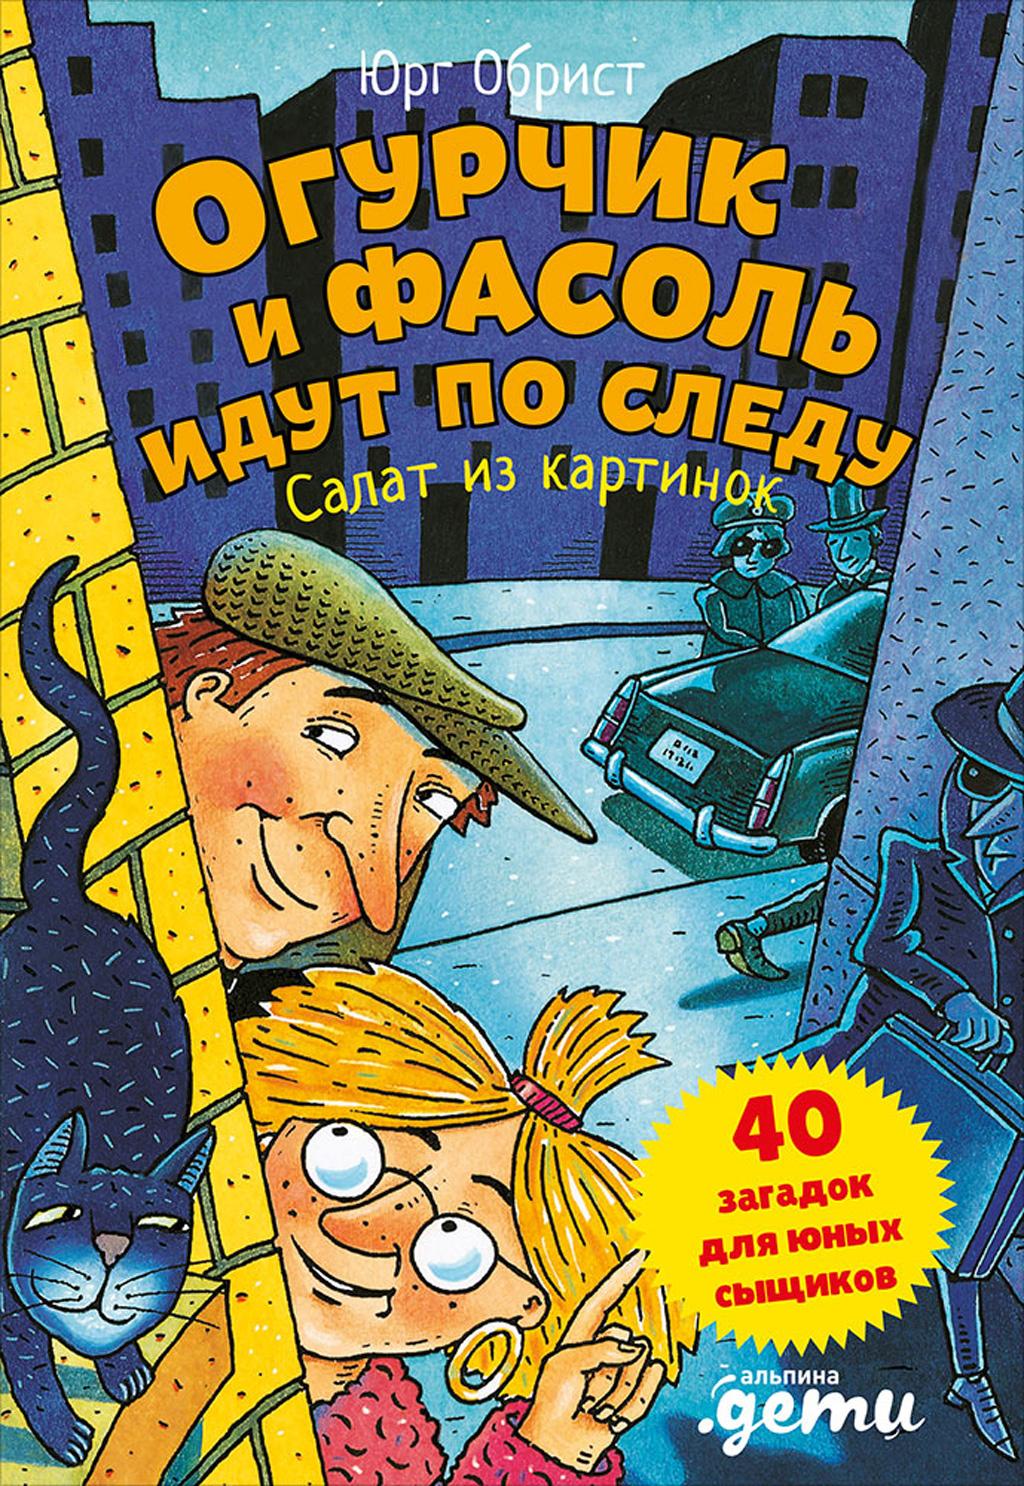 Купить книгу Огурчик и Фасоль идут по следу. Салат из картинок, автора Юрга Обрист